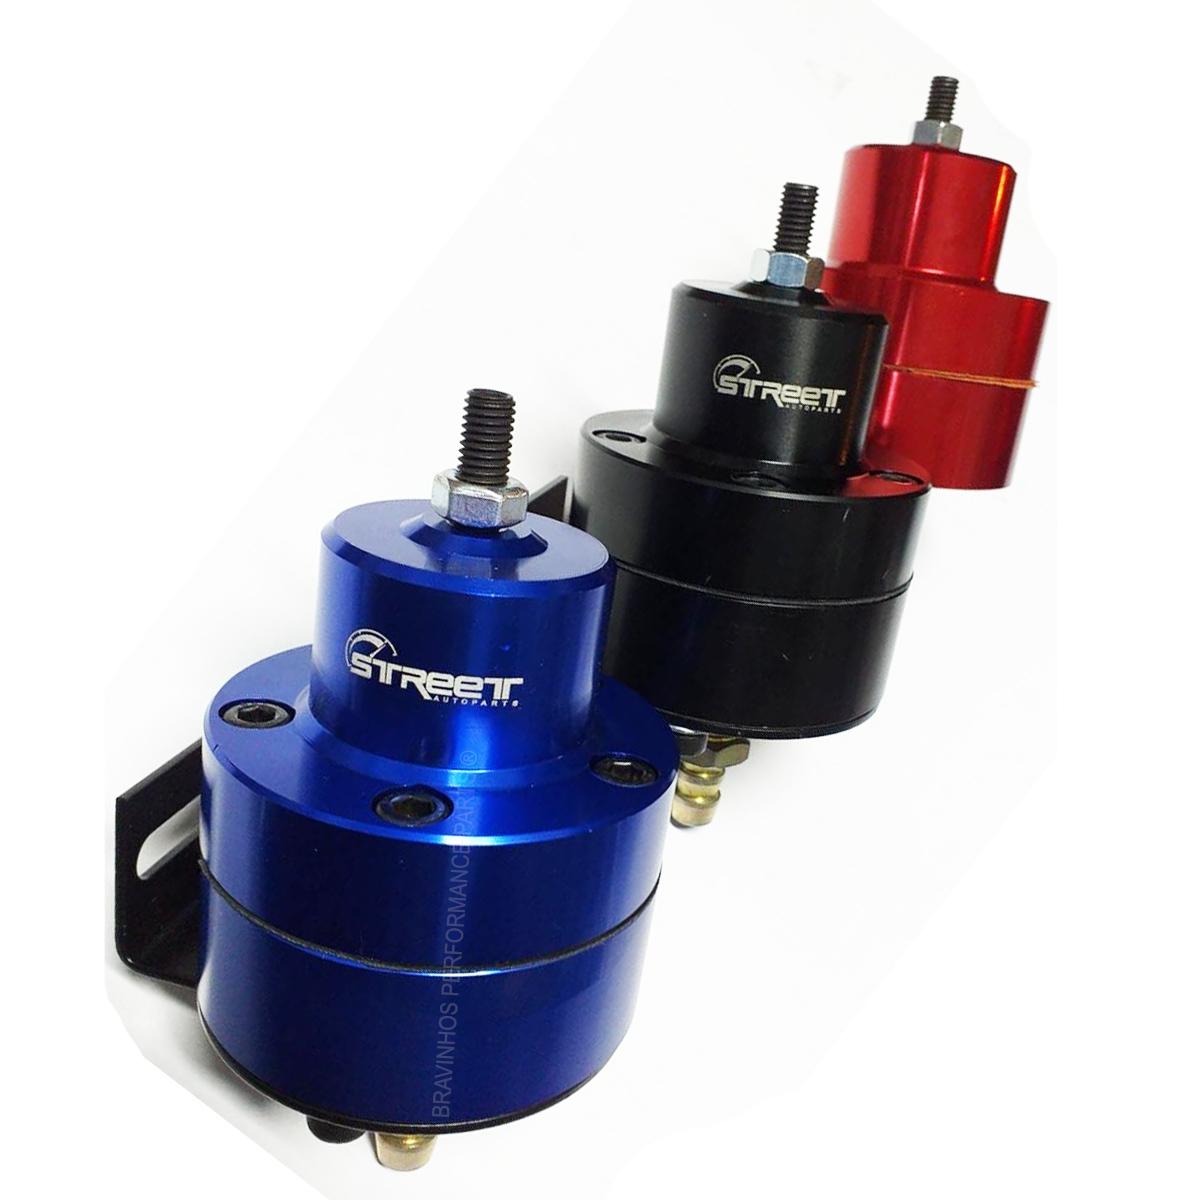 Dosador De Combustível Injeção Hpi Street Turbo Alumínio Suporte